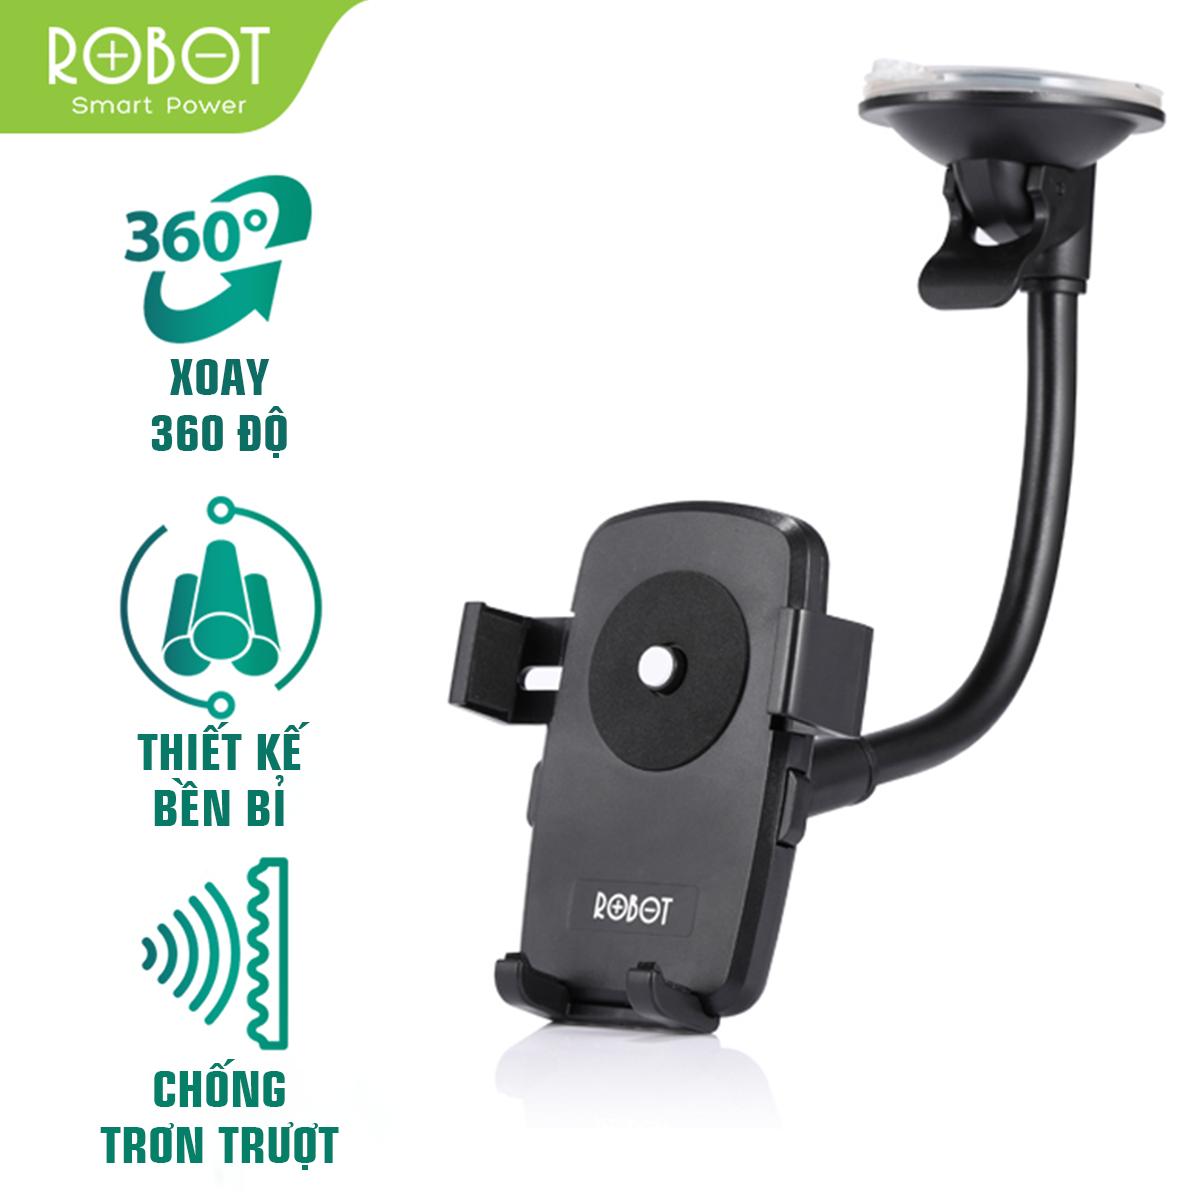 [ Bảo Hành 12 tháng ] Giá đỡ điện thoại trên Ô tô ROBOT CH06 thiết kế chắc chắn không bị trơn trượt trục xoay 360 độ an toàn khi sử dụng – Hàng Chính Hãng